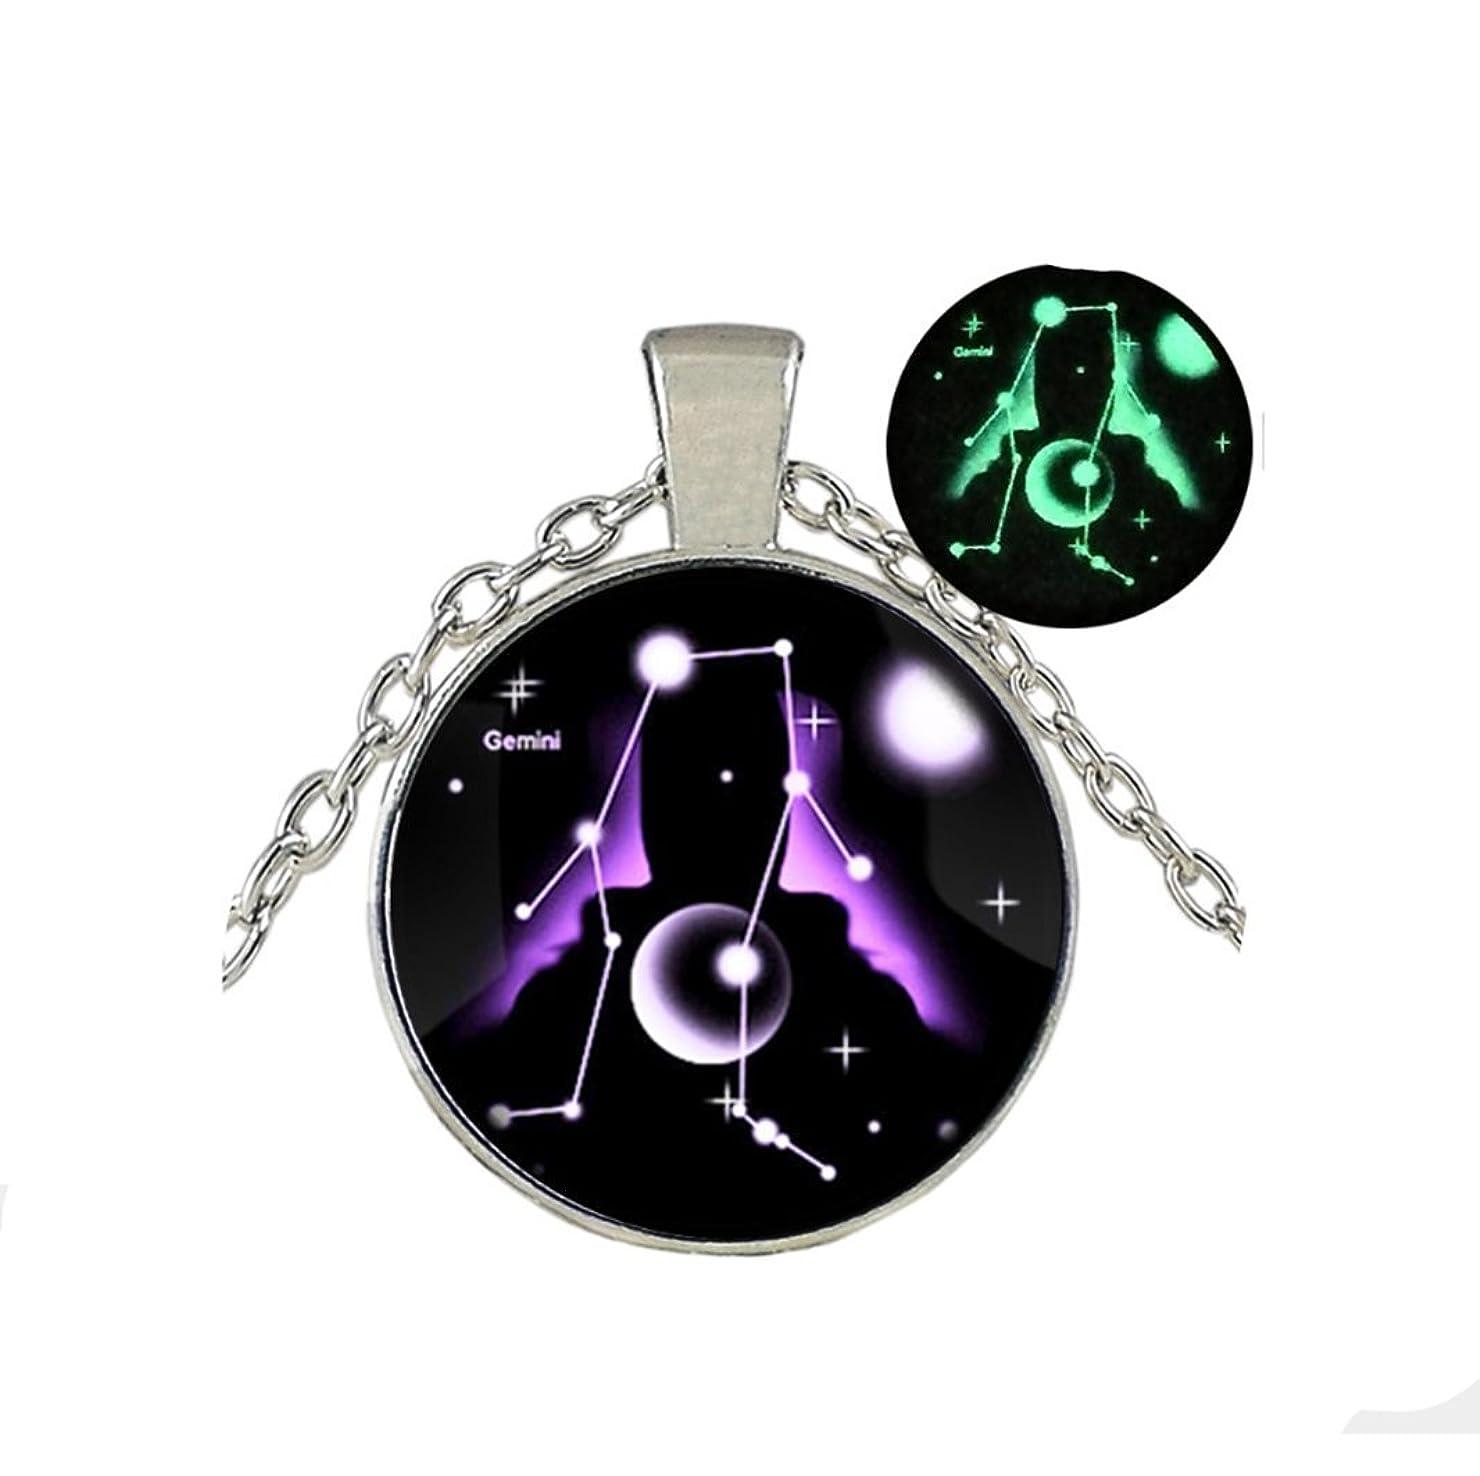 補体買う横たわるGlow in the Dark /グローネックレス/ Glowing Jewely / Constellation Geminiジュエリー